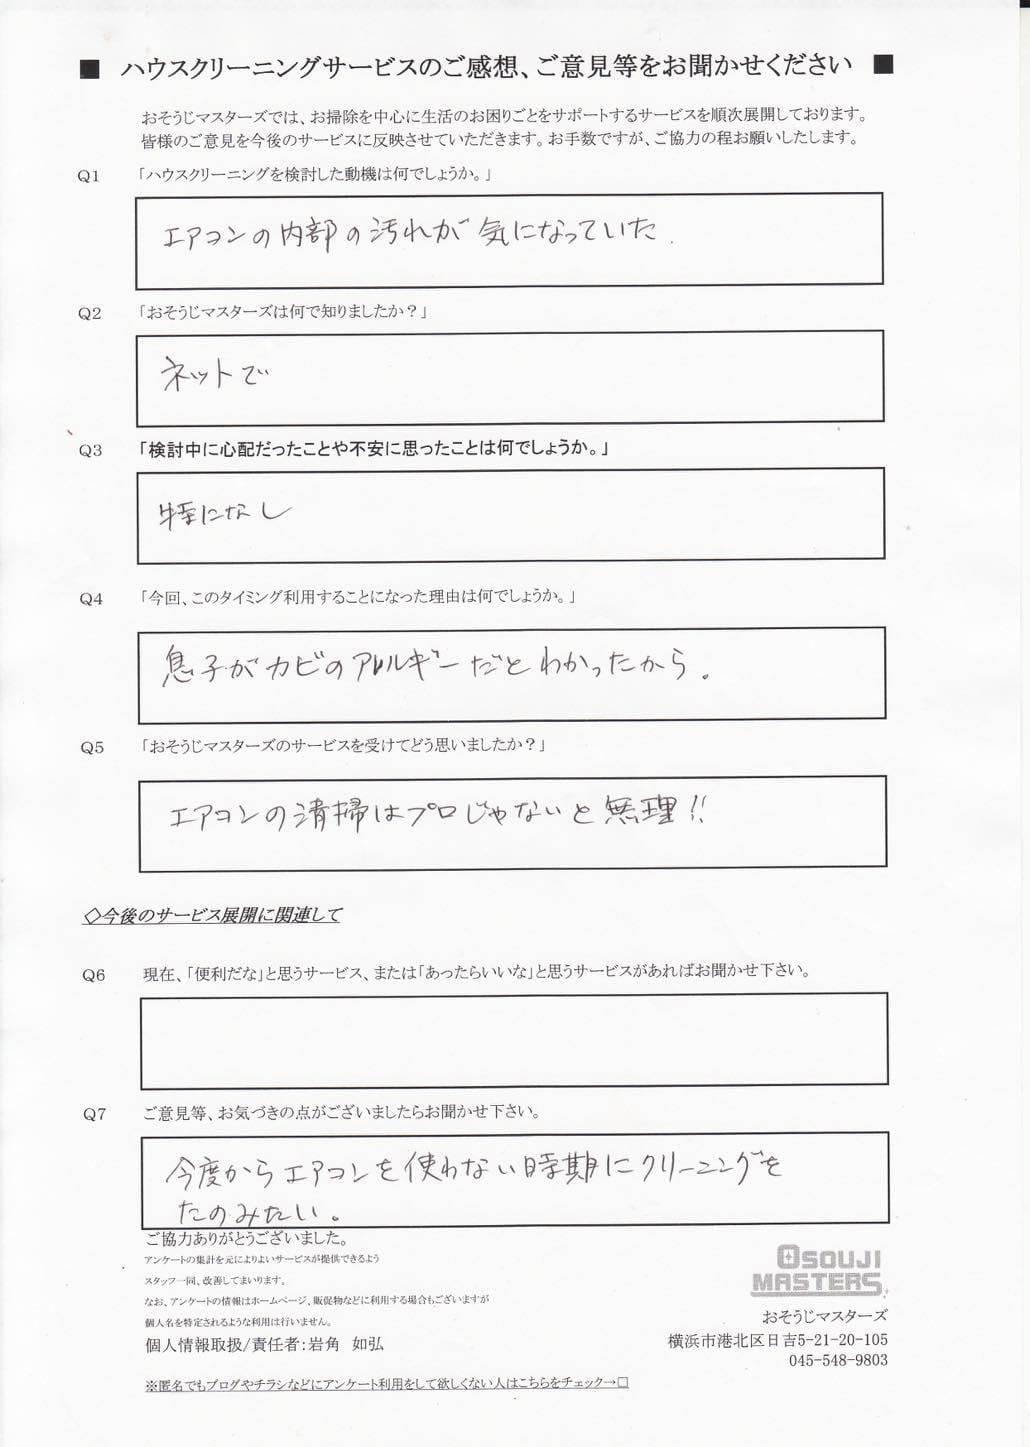 2015/08/01 エアコンクリーニング 川崎市川崎区